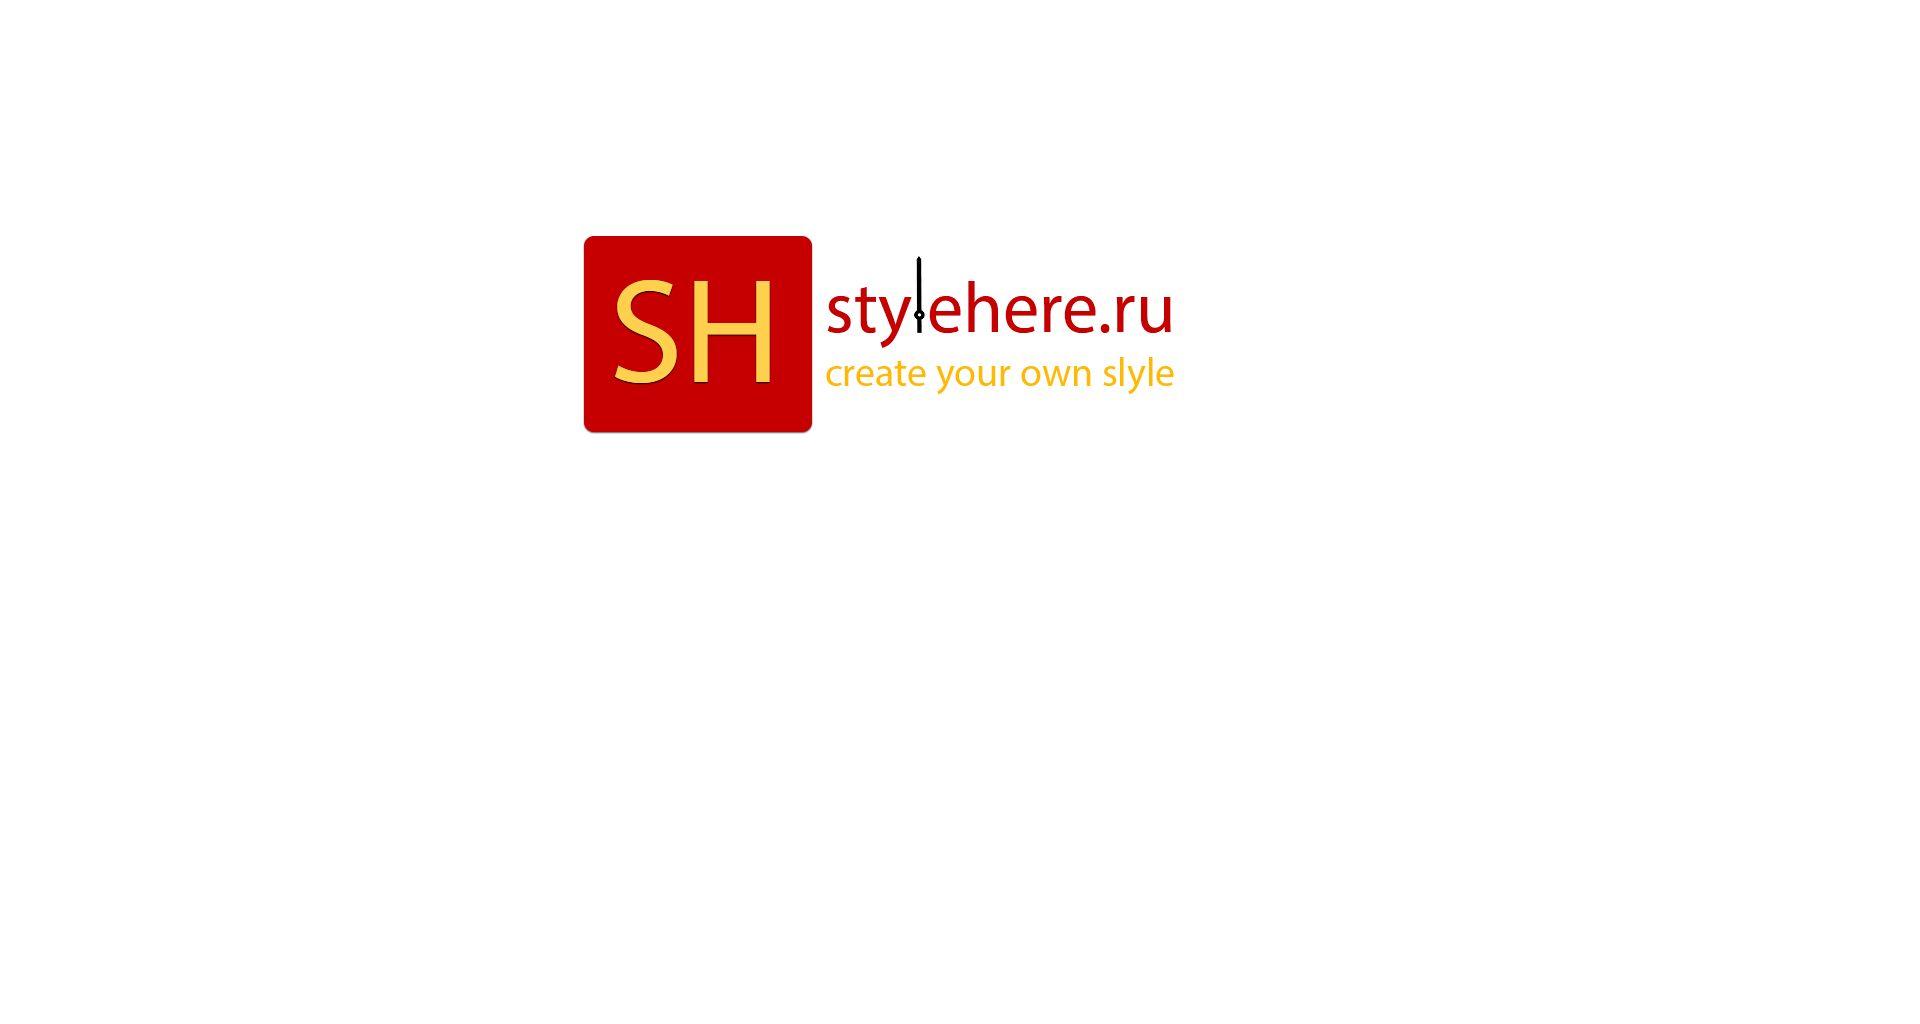 Логотип для интернет-магазина stylehere.ru - дизайнер iamvalentinee